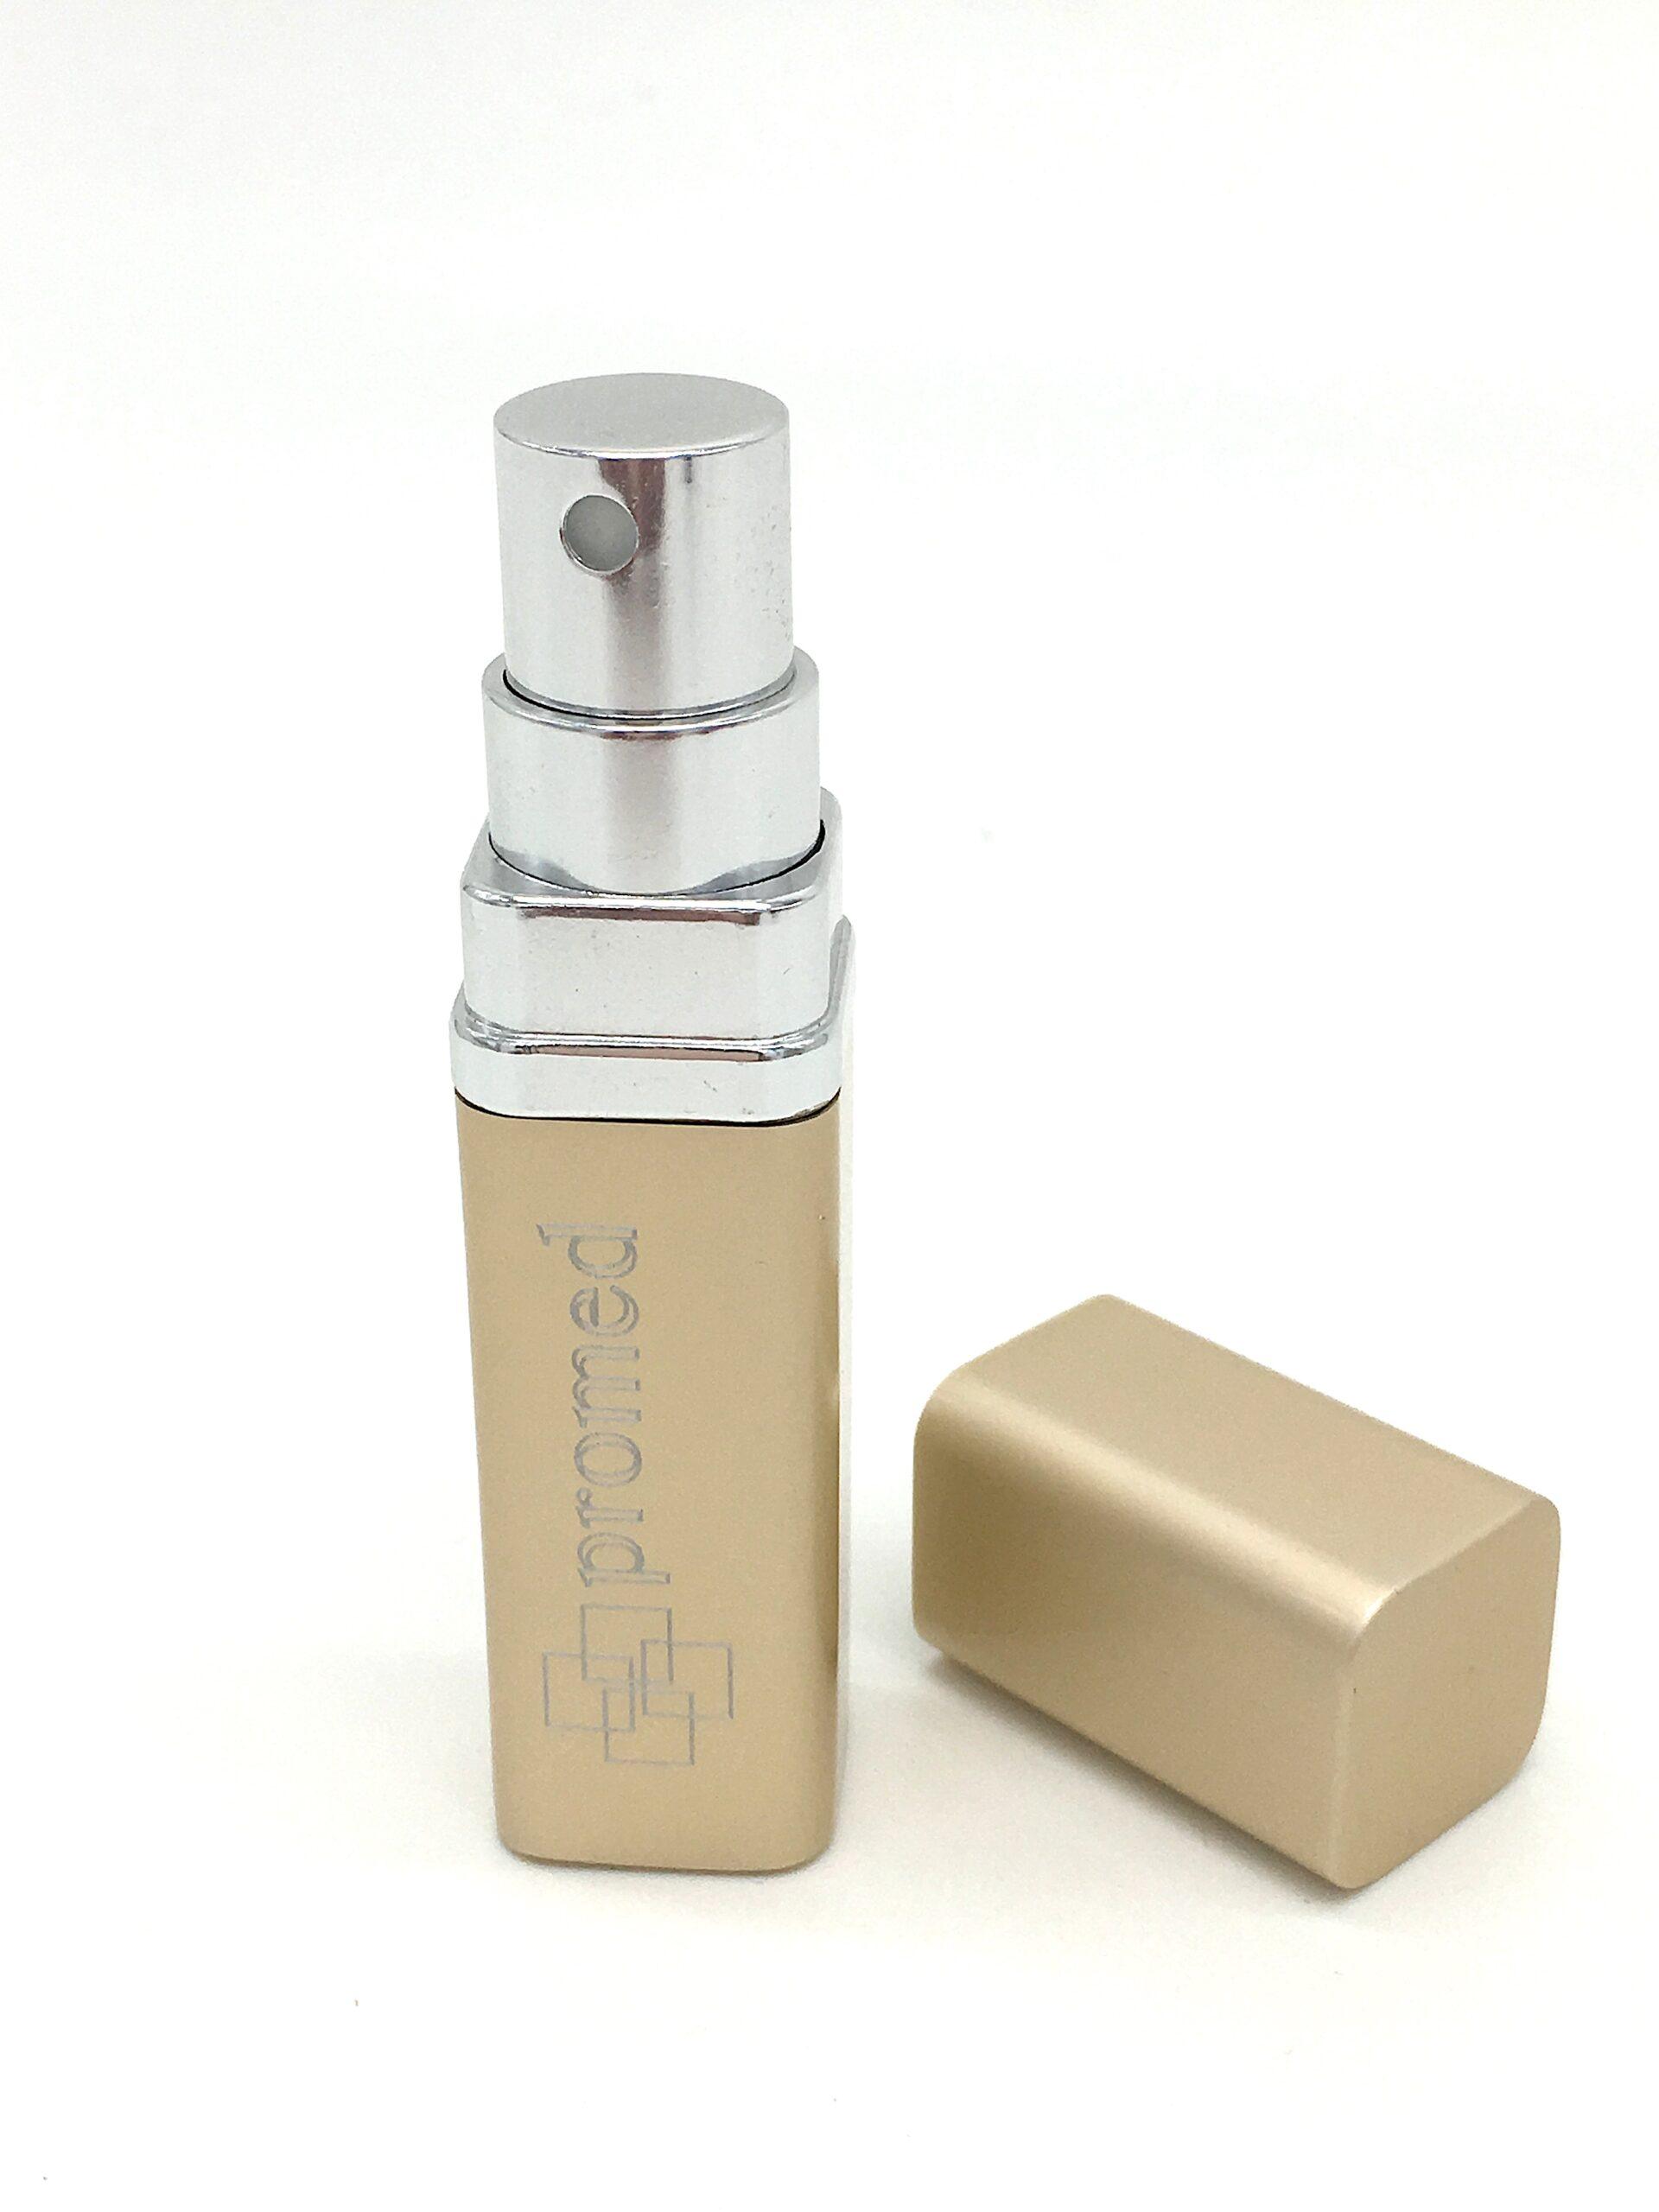 Diffuseur de parfum Promed - Santé / Bien-être